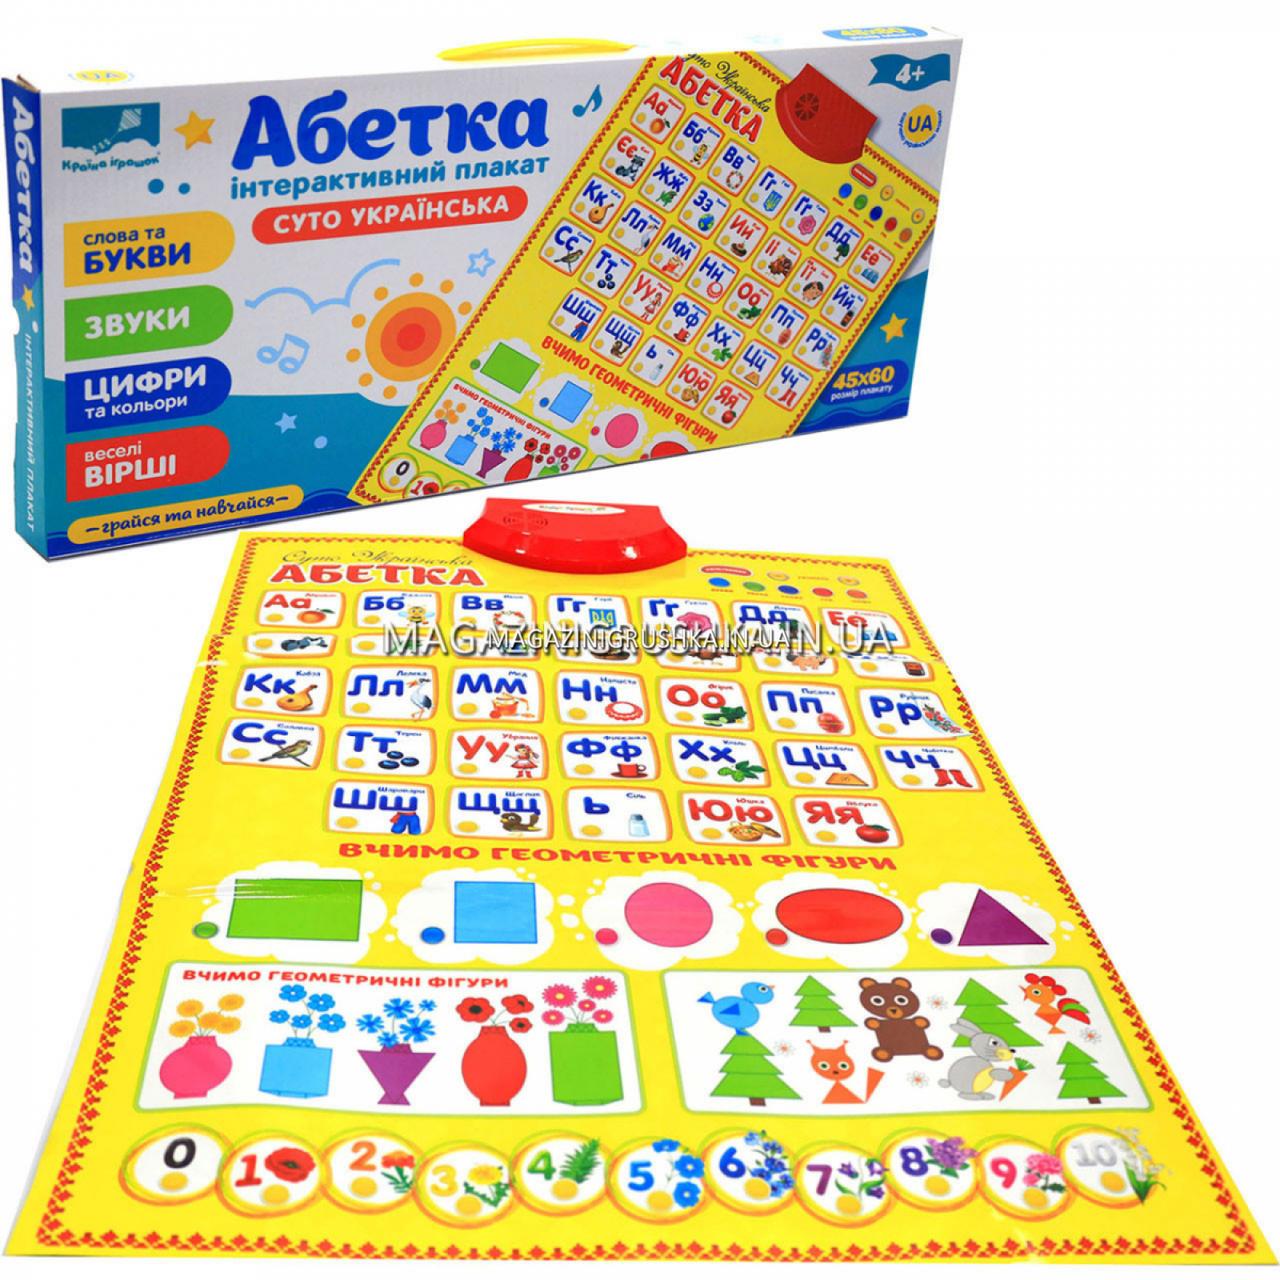 Дитячий навчальний плакат «Країна іграшок», Абетка Українська, літери, цифри, вірші, кольору, 45х60 см, PL-719-28